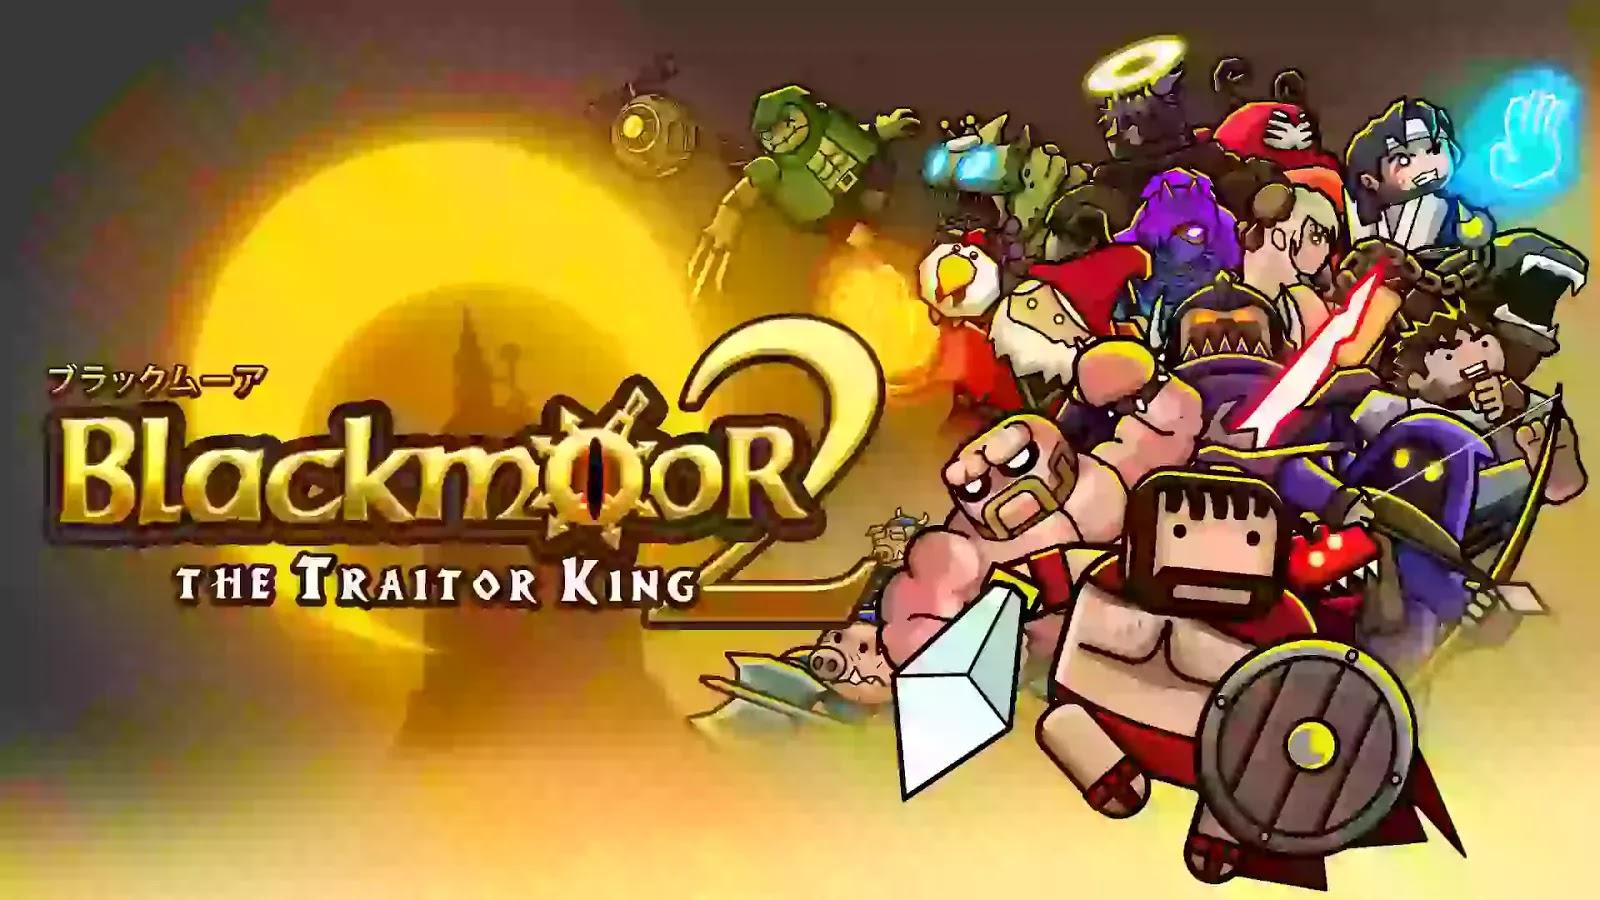 ستجعل Blackmoor 2 أي شخص ، حتى أول لاعبي ألعاب الهاتف المحمول ، يضطرون إلى البحث والتنزيل على الهاتف. لعبة مشهد قتال قديمة وجديدة تجمع بشكل مثالي!